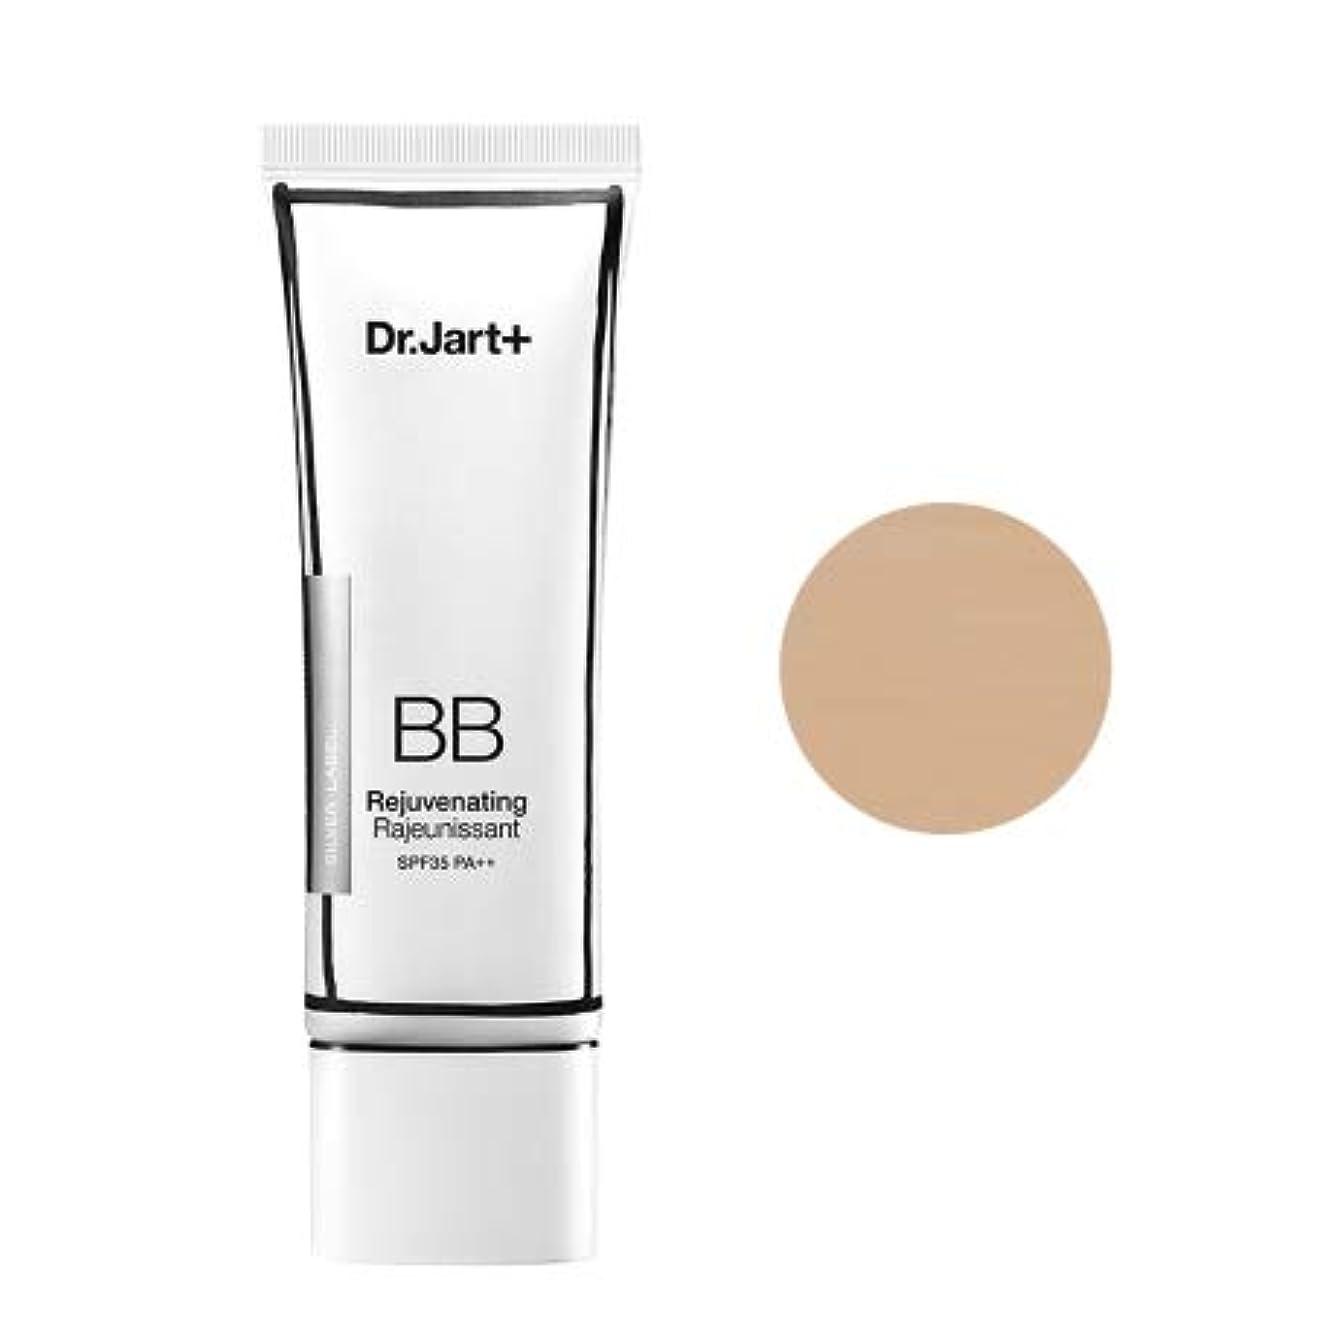 発送アフリカユーモラス[Upgrade] Dr.Jart+Dermakeup Rejuvenating Beauty Balm SPF35 PA++ 50ml /ドクタージャルトゥザメーキャップリージュビネイティンビューティーバーム SPF35...